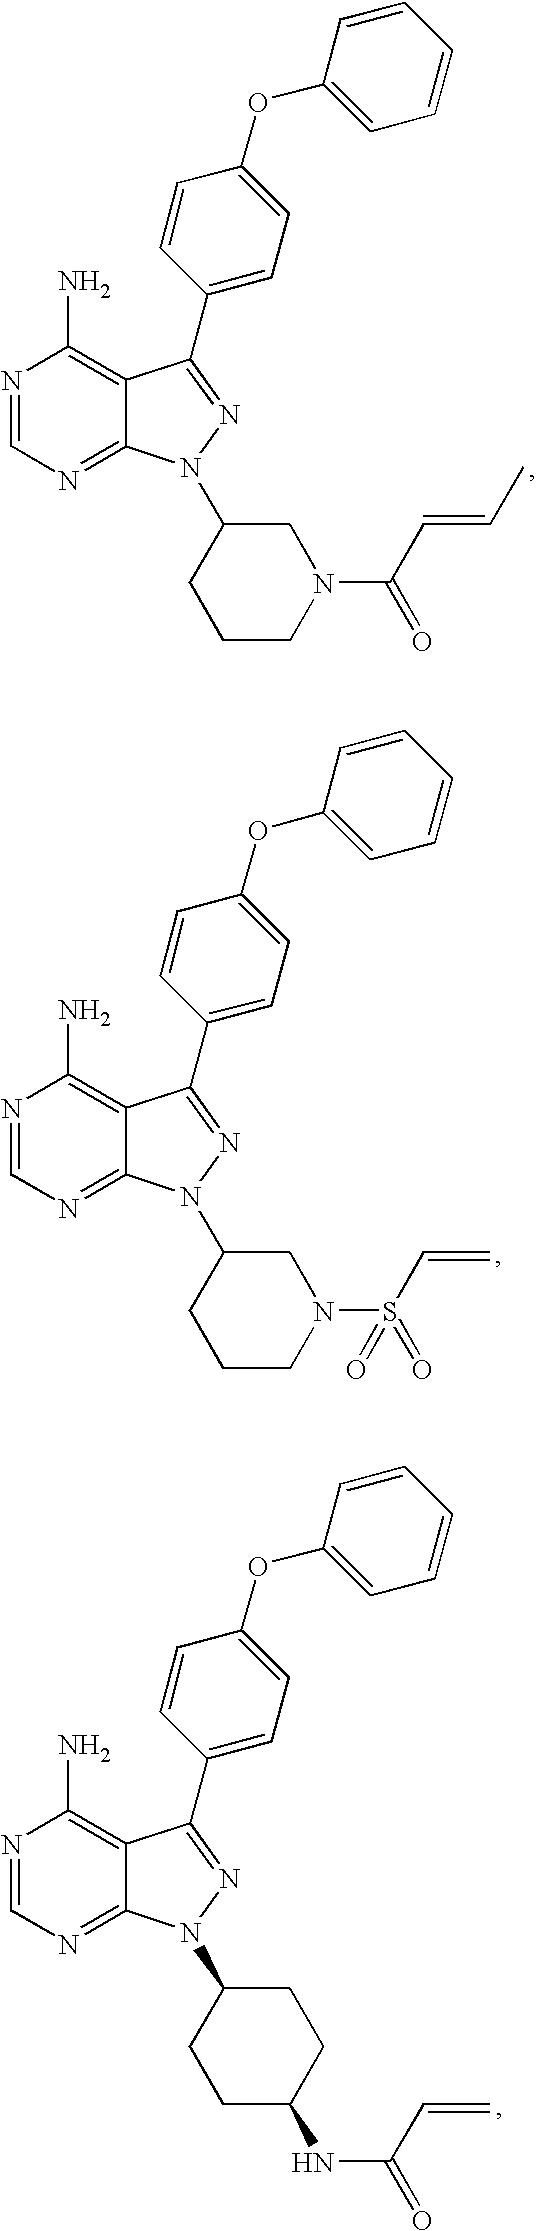 Figure US07514444-20090407-C00058